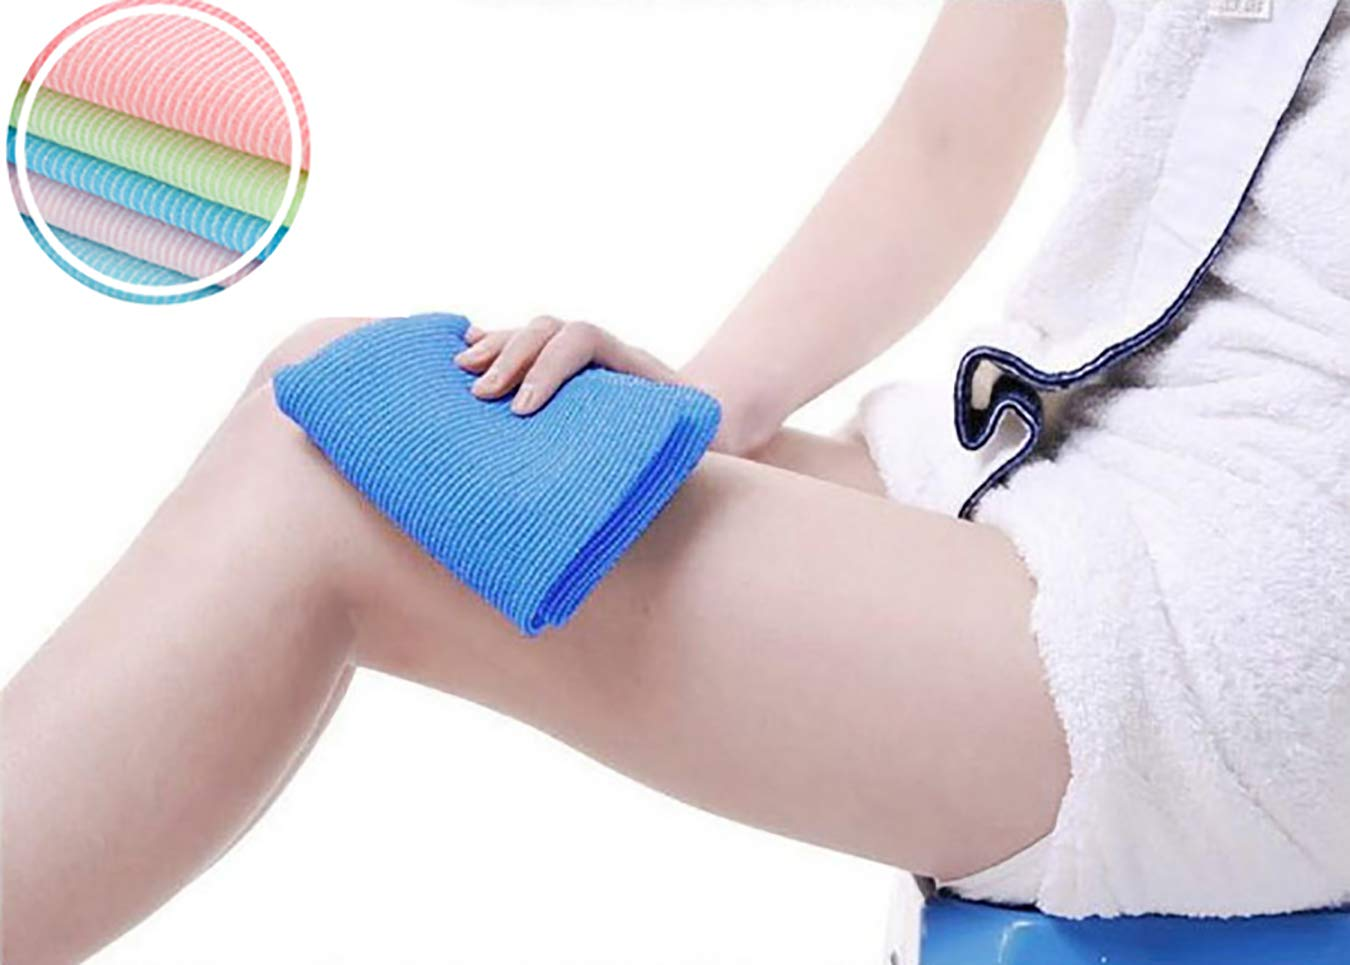 3 ZOWE 3 Pieces Beauty Skin Bath Wash Towel Exfoliating Bath Cloth Magic Shower Washcloth for Body 35 Inches